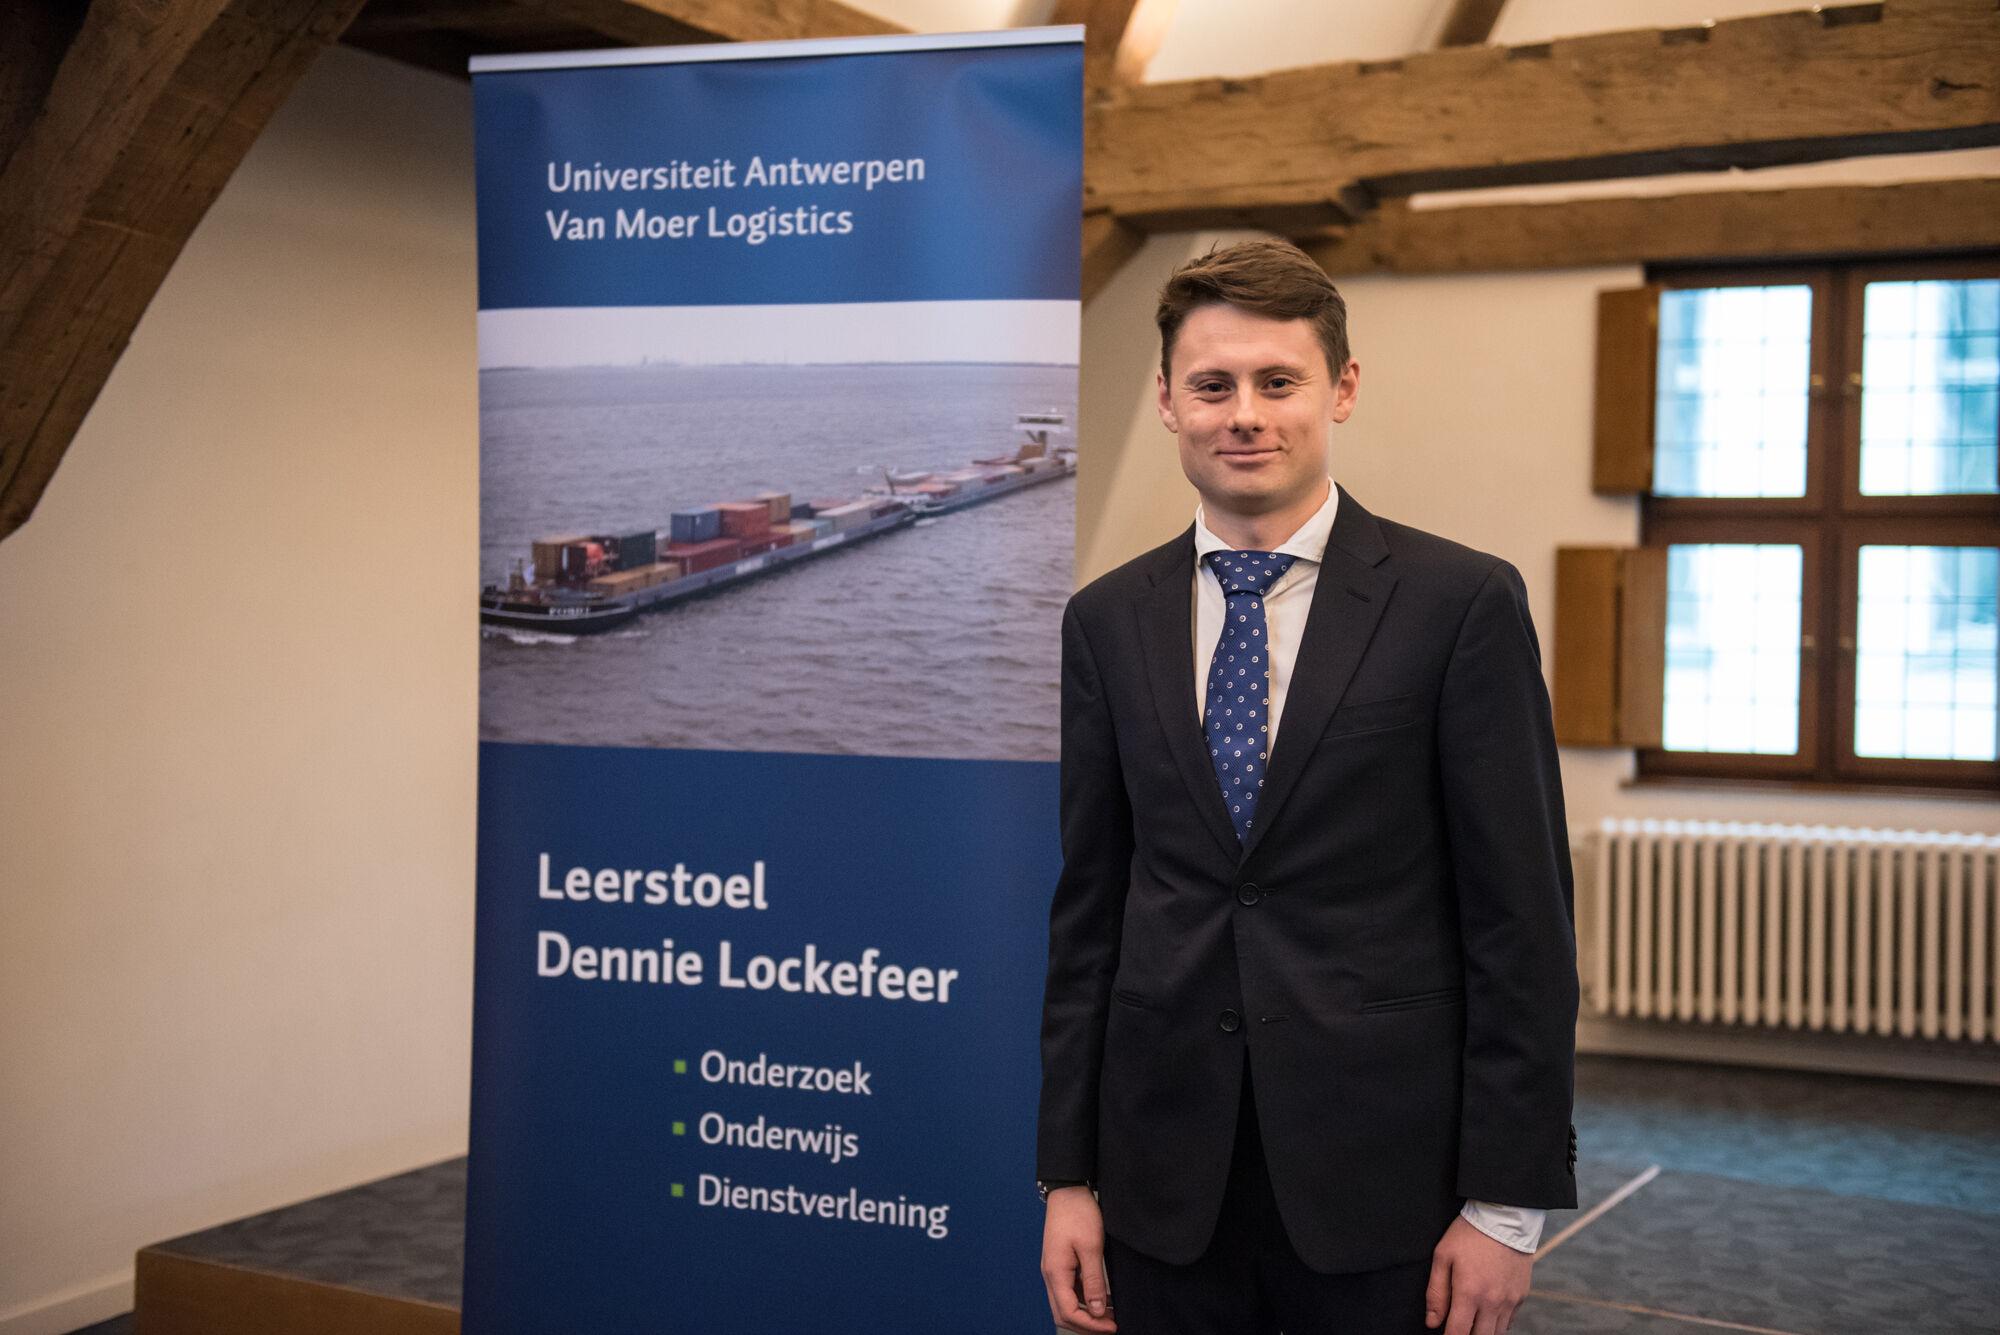 Inauguratie Leerstoel Dennie Lockefeer